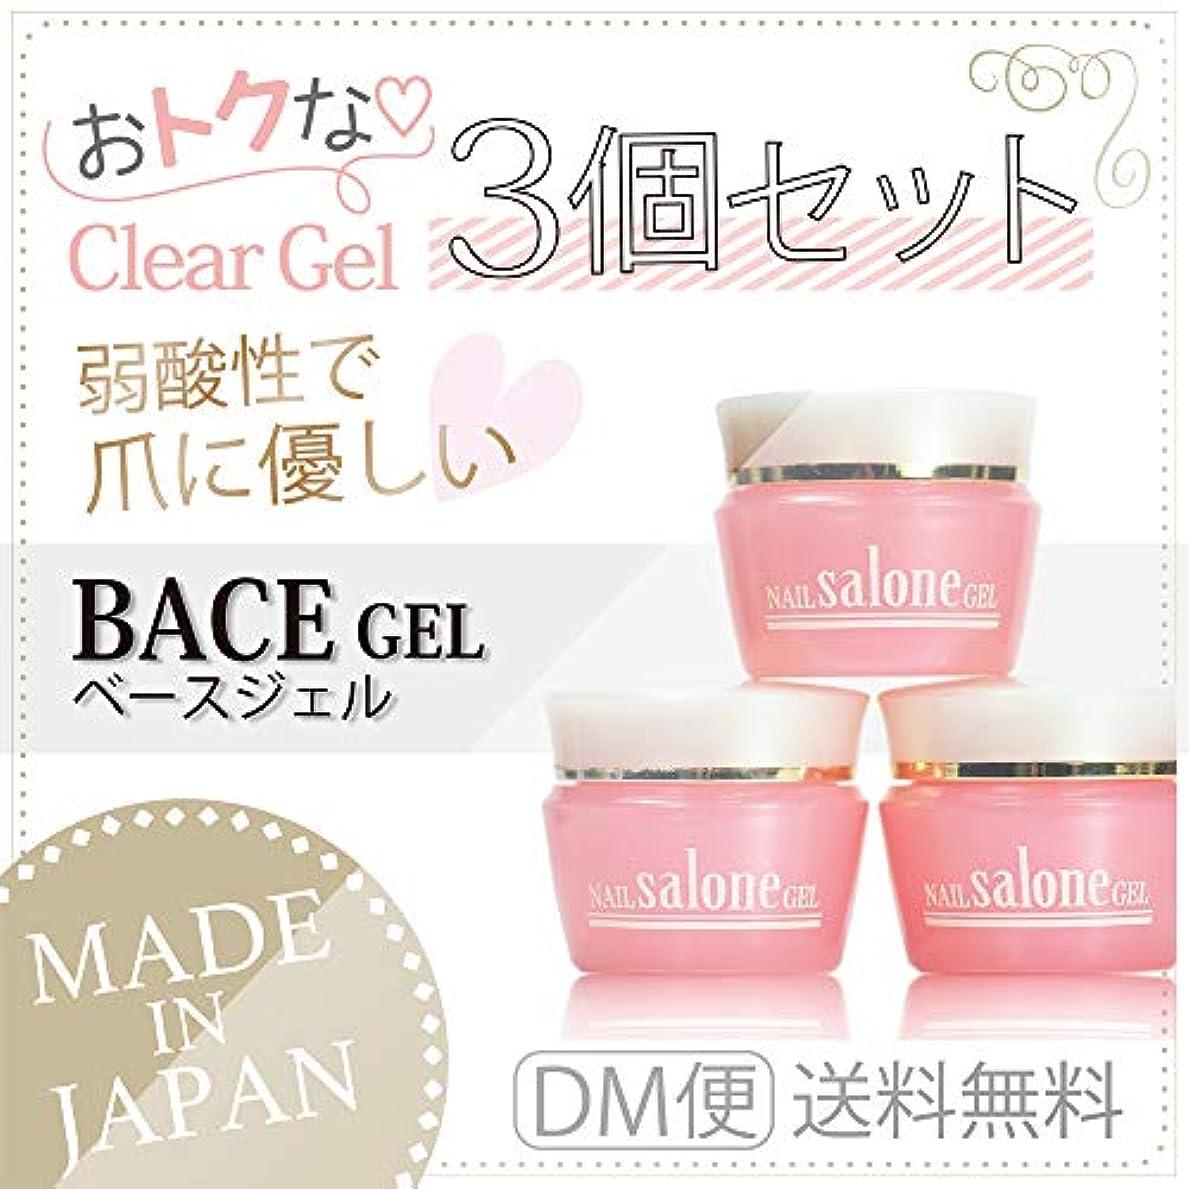 正しいお金ドキュメンタリーSalone gel サローネ ベースジェル お得な3個セット 爪に優しい 日本製 驚きの密着力 リムーバーでオフも簡単3g